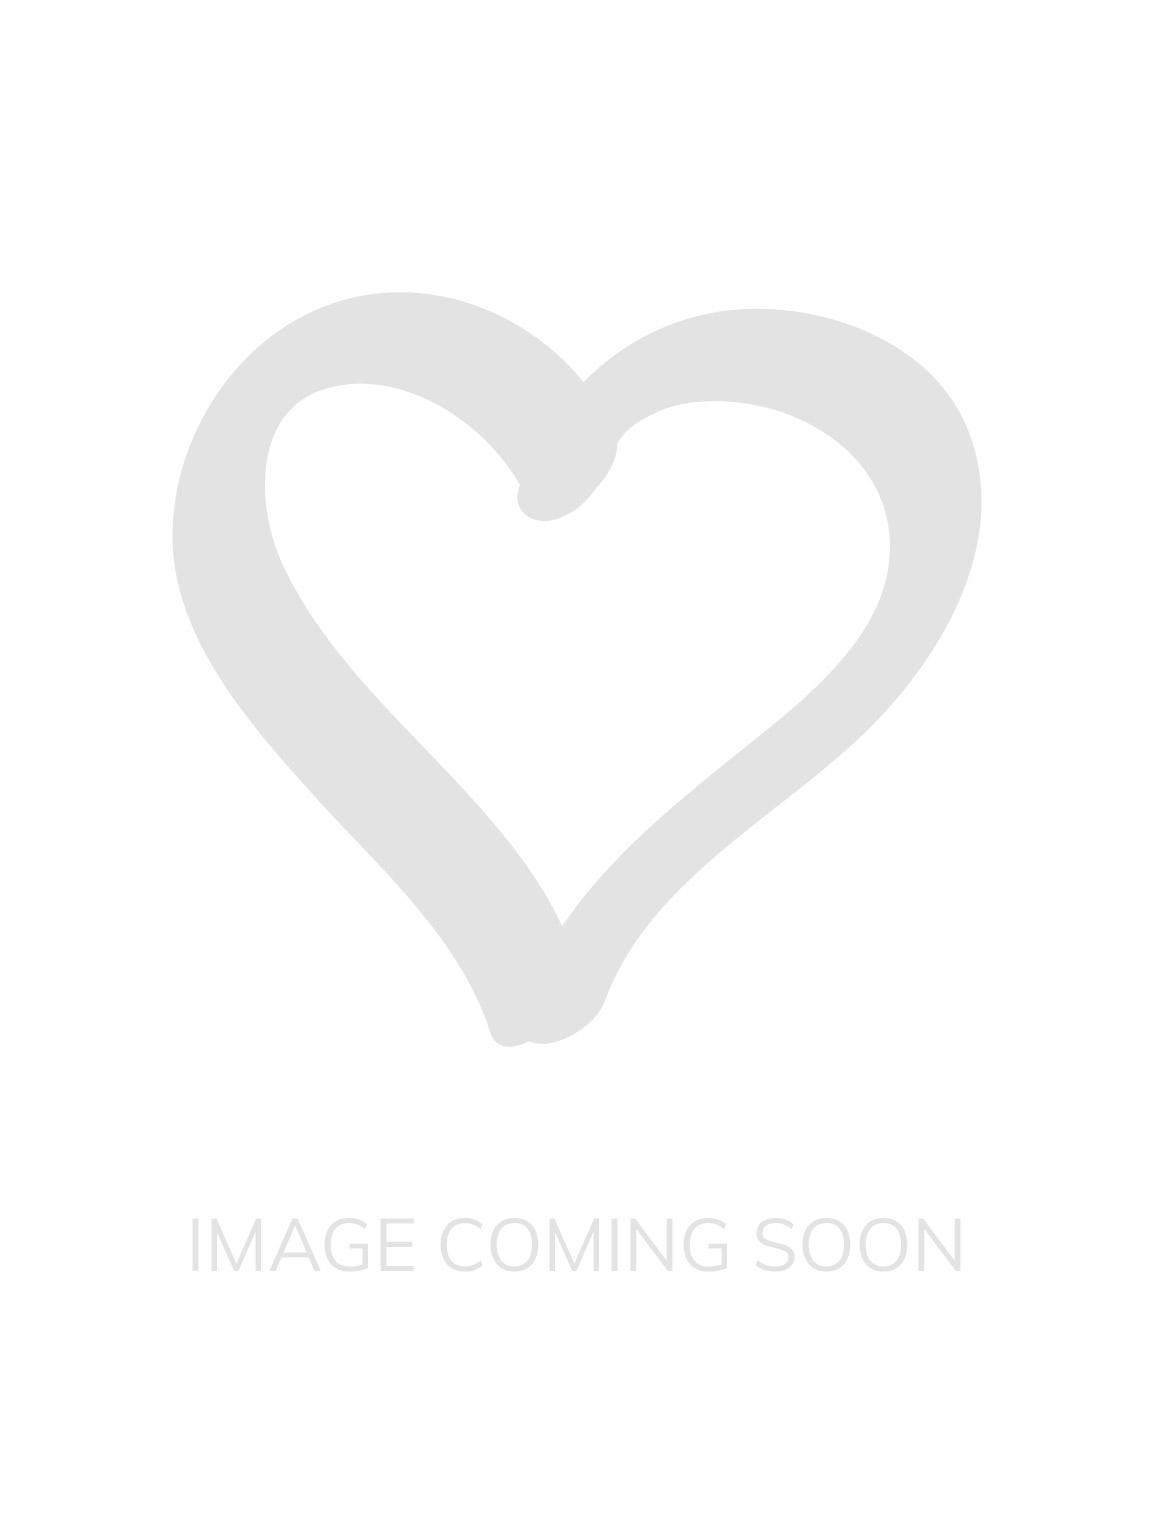 e44cbc336f Bloom Sheer Lace Longline Bra - Delicate Rose